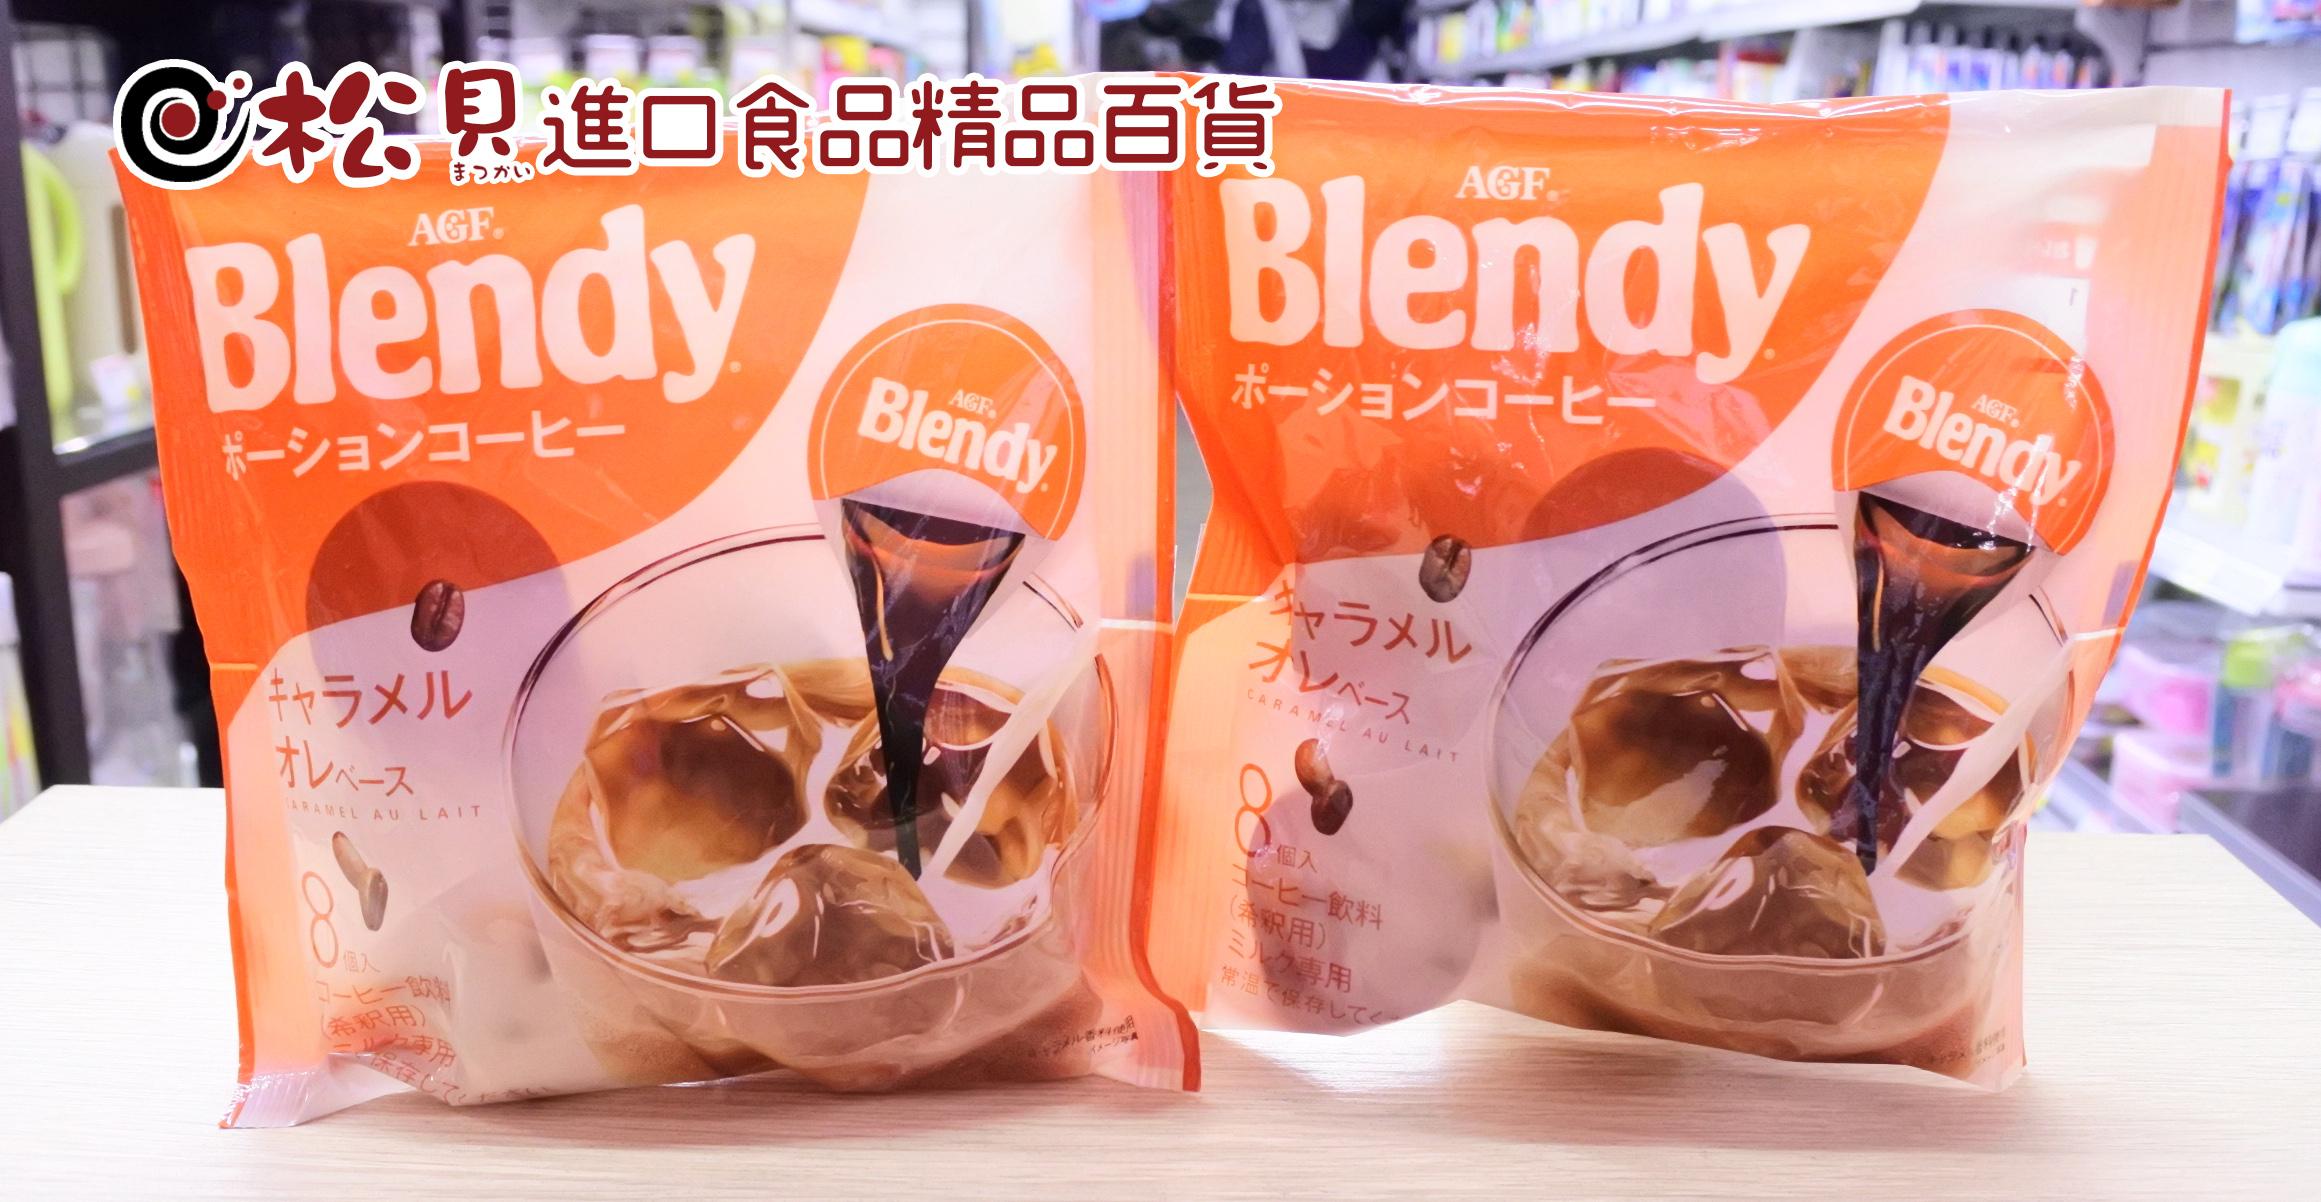 AGF Blendy咖啡球8入(焦糖)144g.JPG